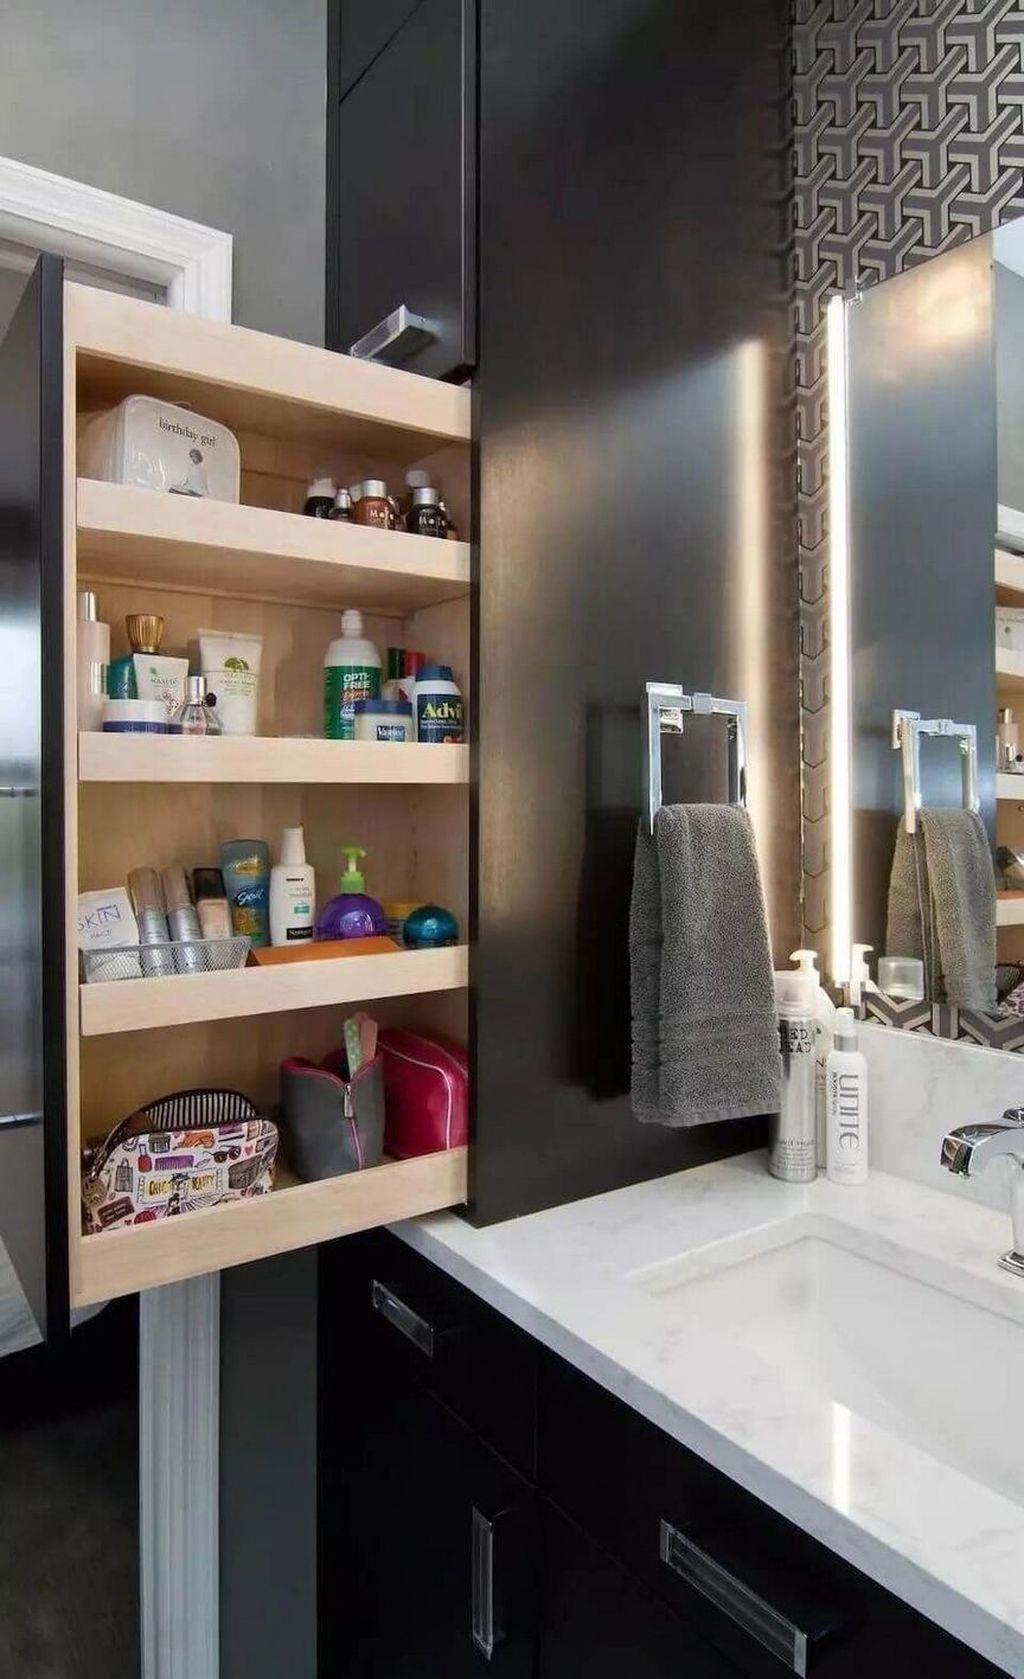 Bathroom Cabinet Lock With Key Bathroom Cabinet Organizer ...